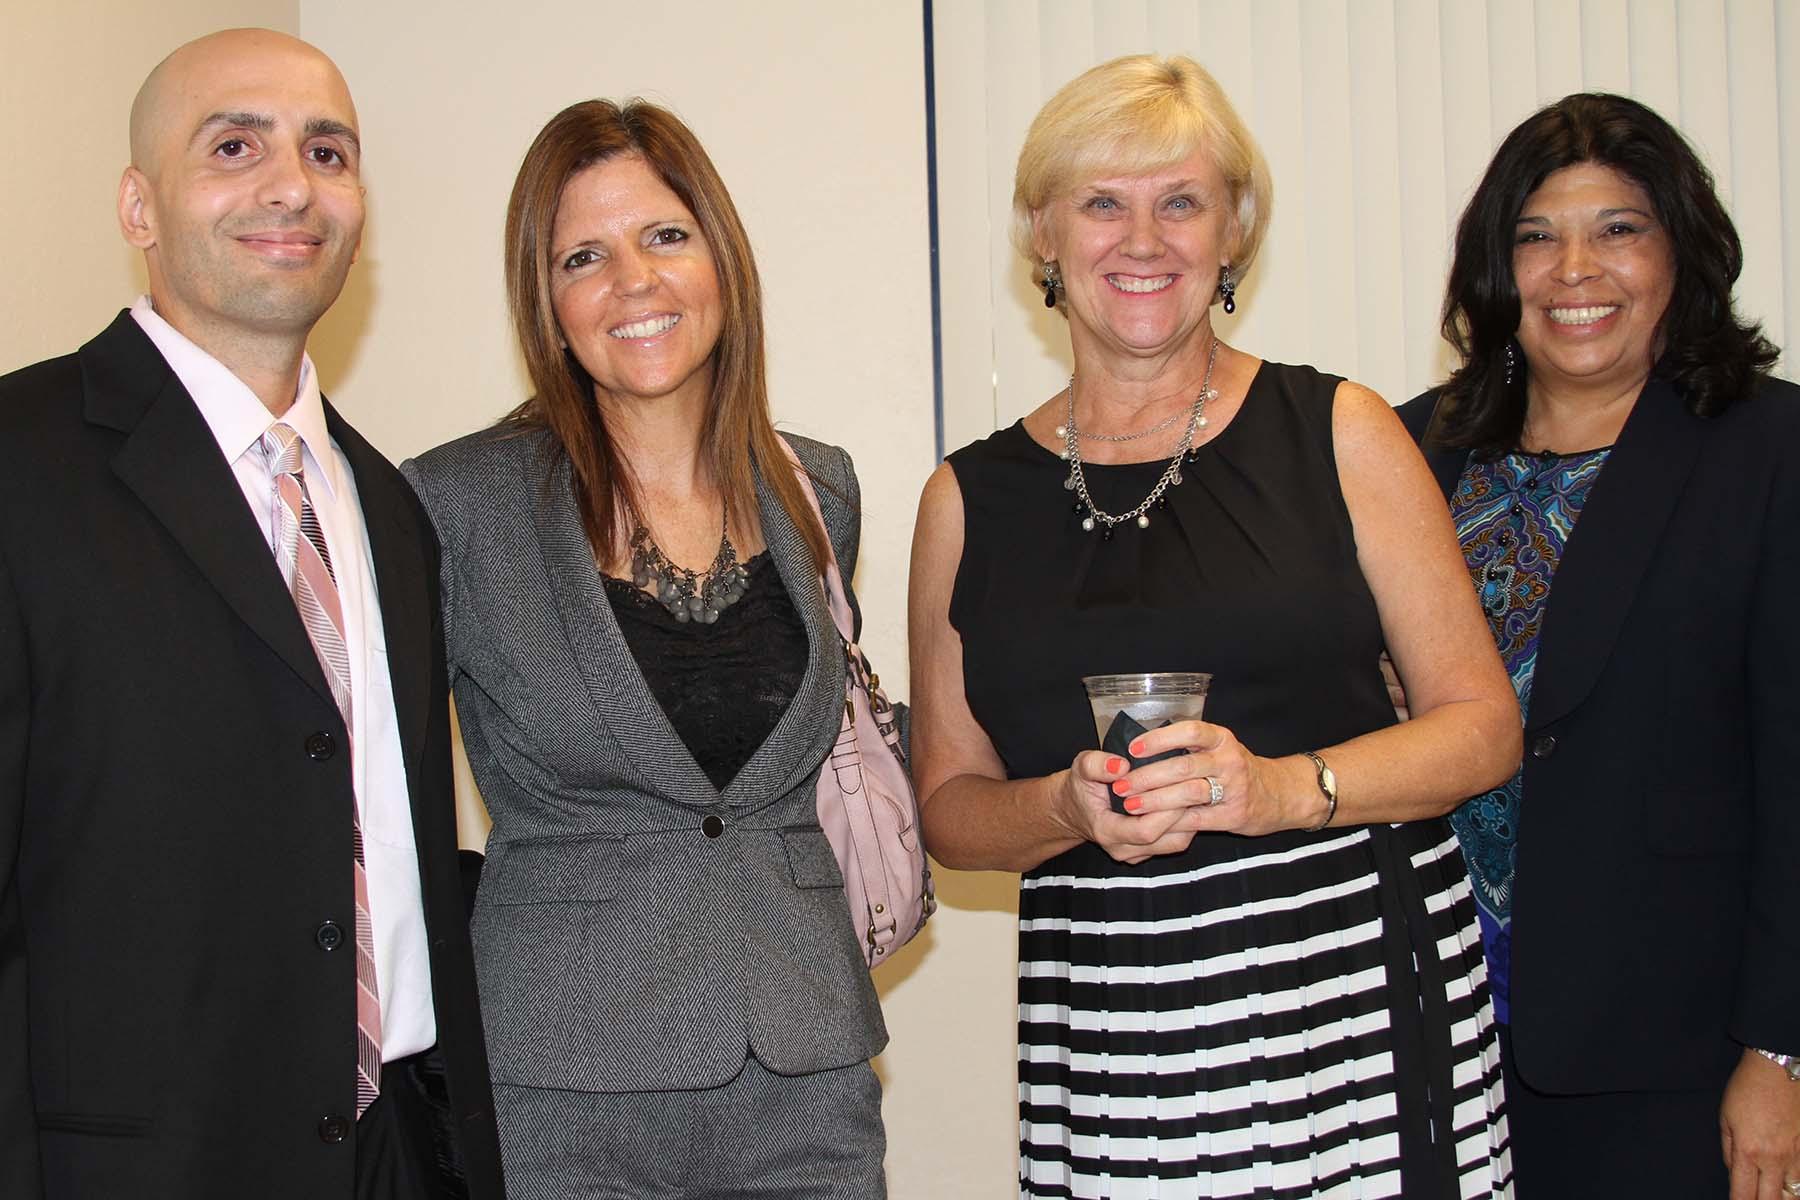 Dan DeLuca, Dr. Eileen DeLuca, Cindy Baker, Liz Allbritten